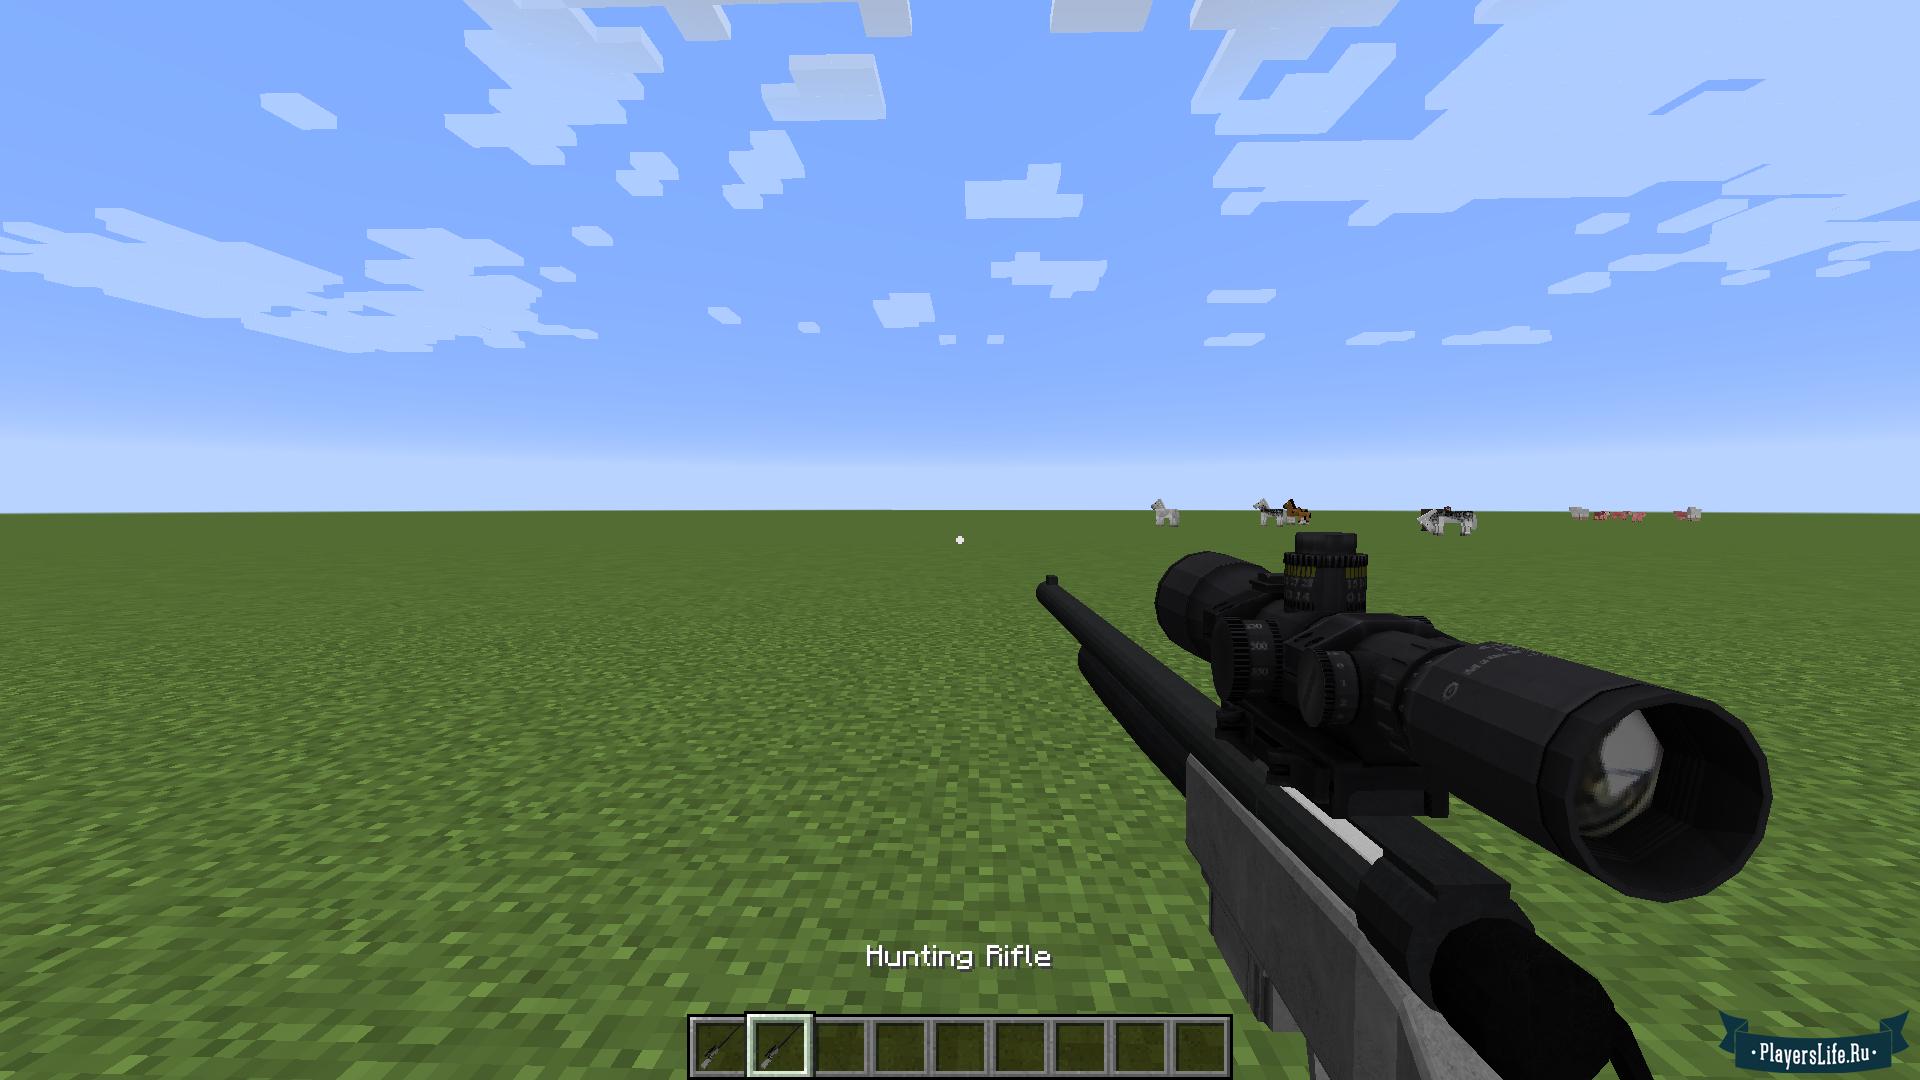 мод на 3d оружие в майнкрафт 1.6.4 #7